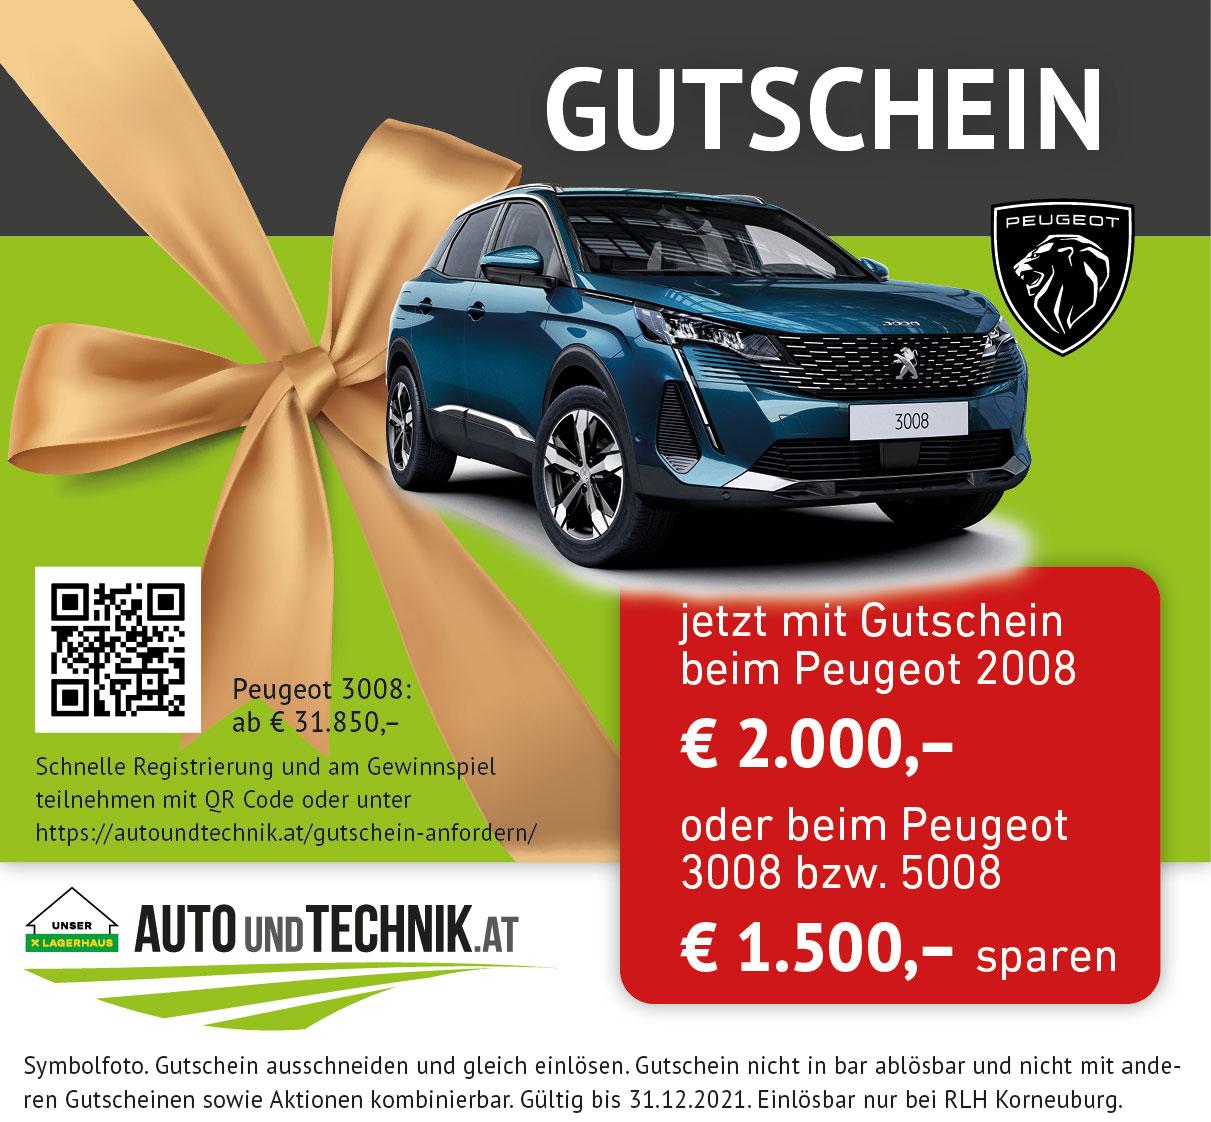 Gutschein-Peugeot-3008-5008-image-01